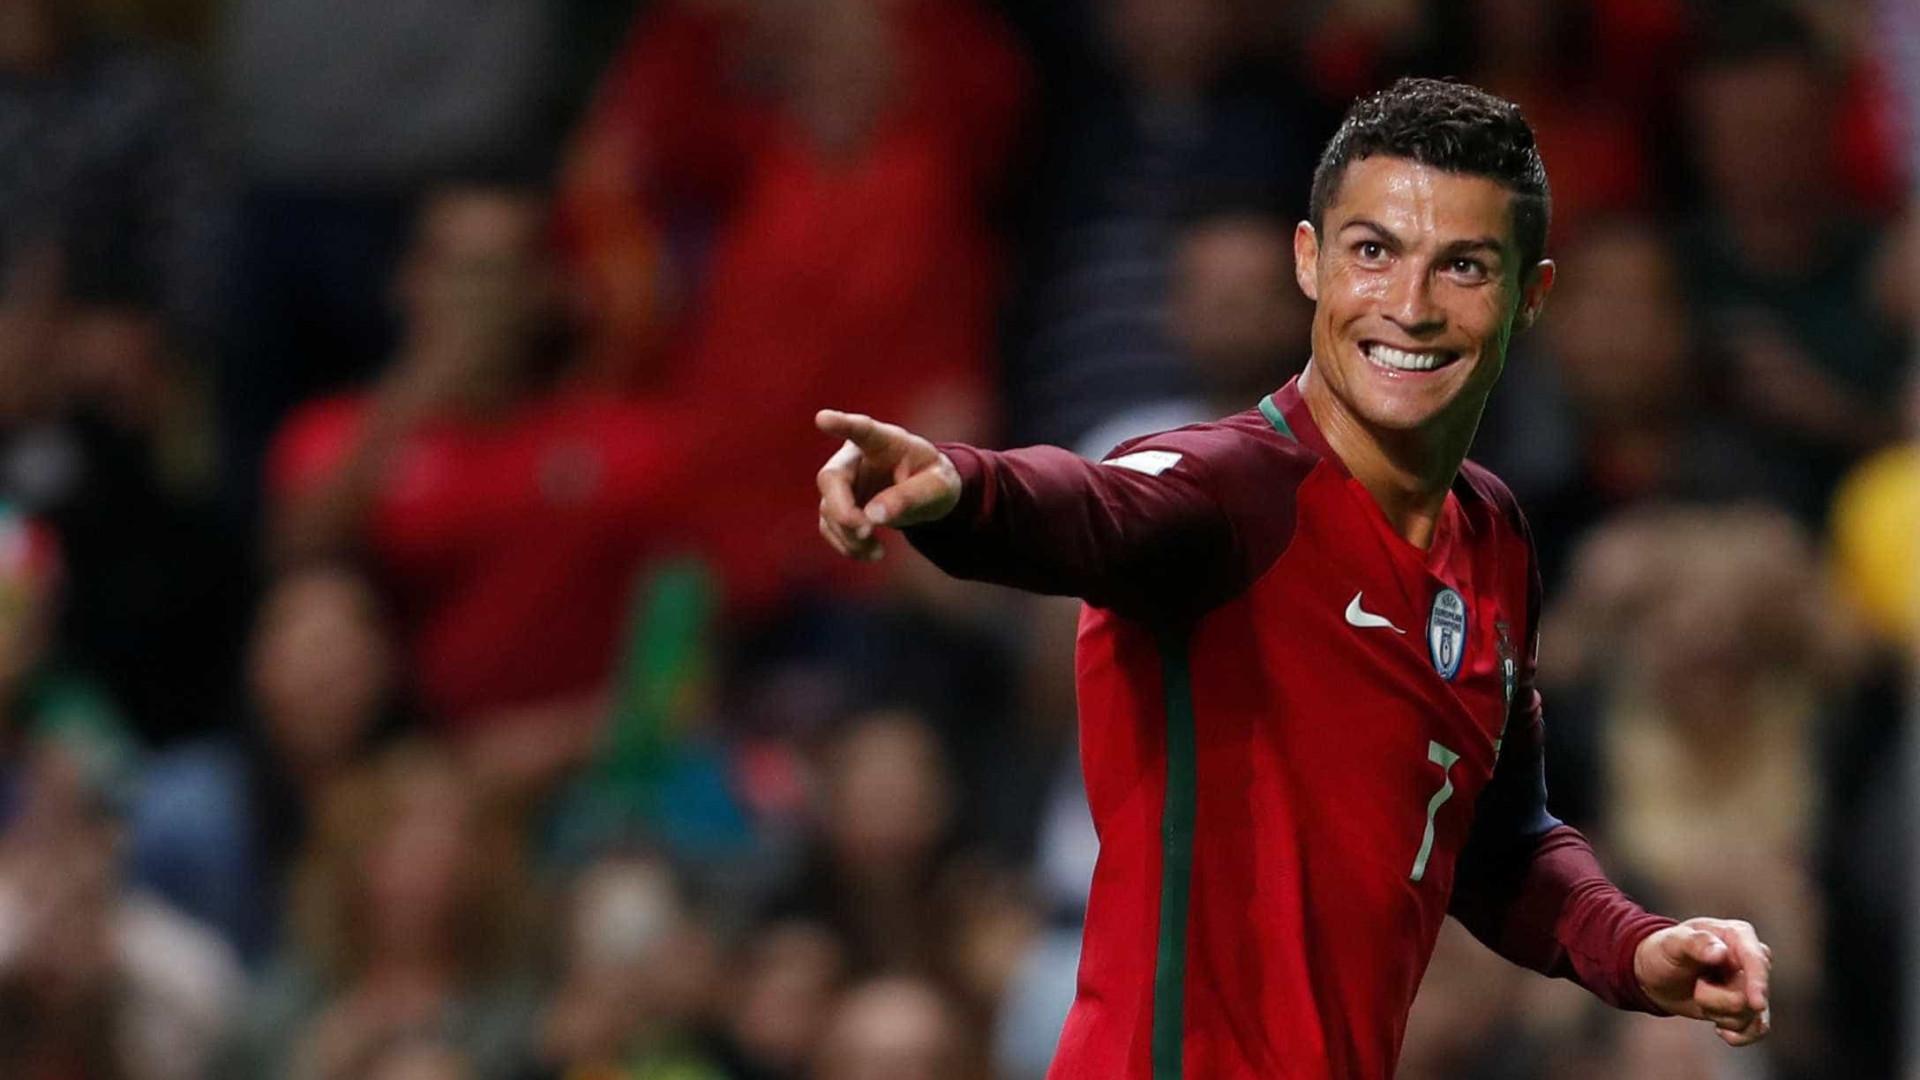 Portugal goleia e Cristiano Ronaldo bate marca de Pelé